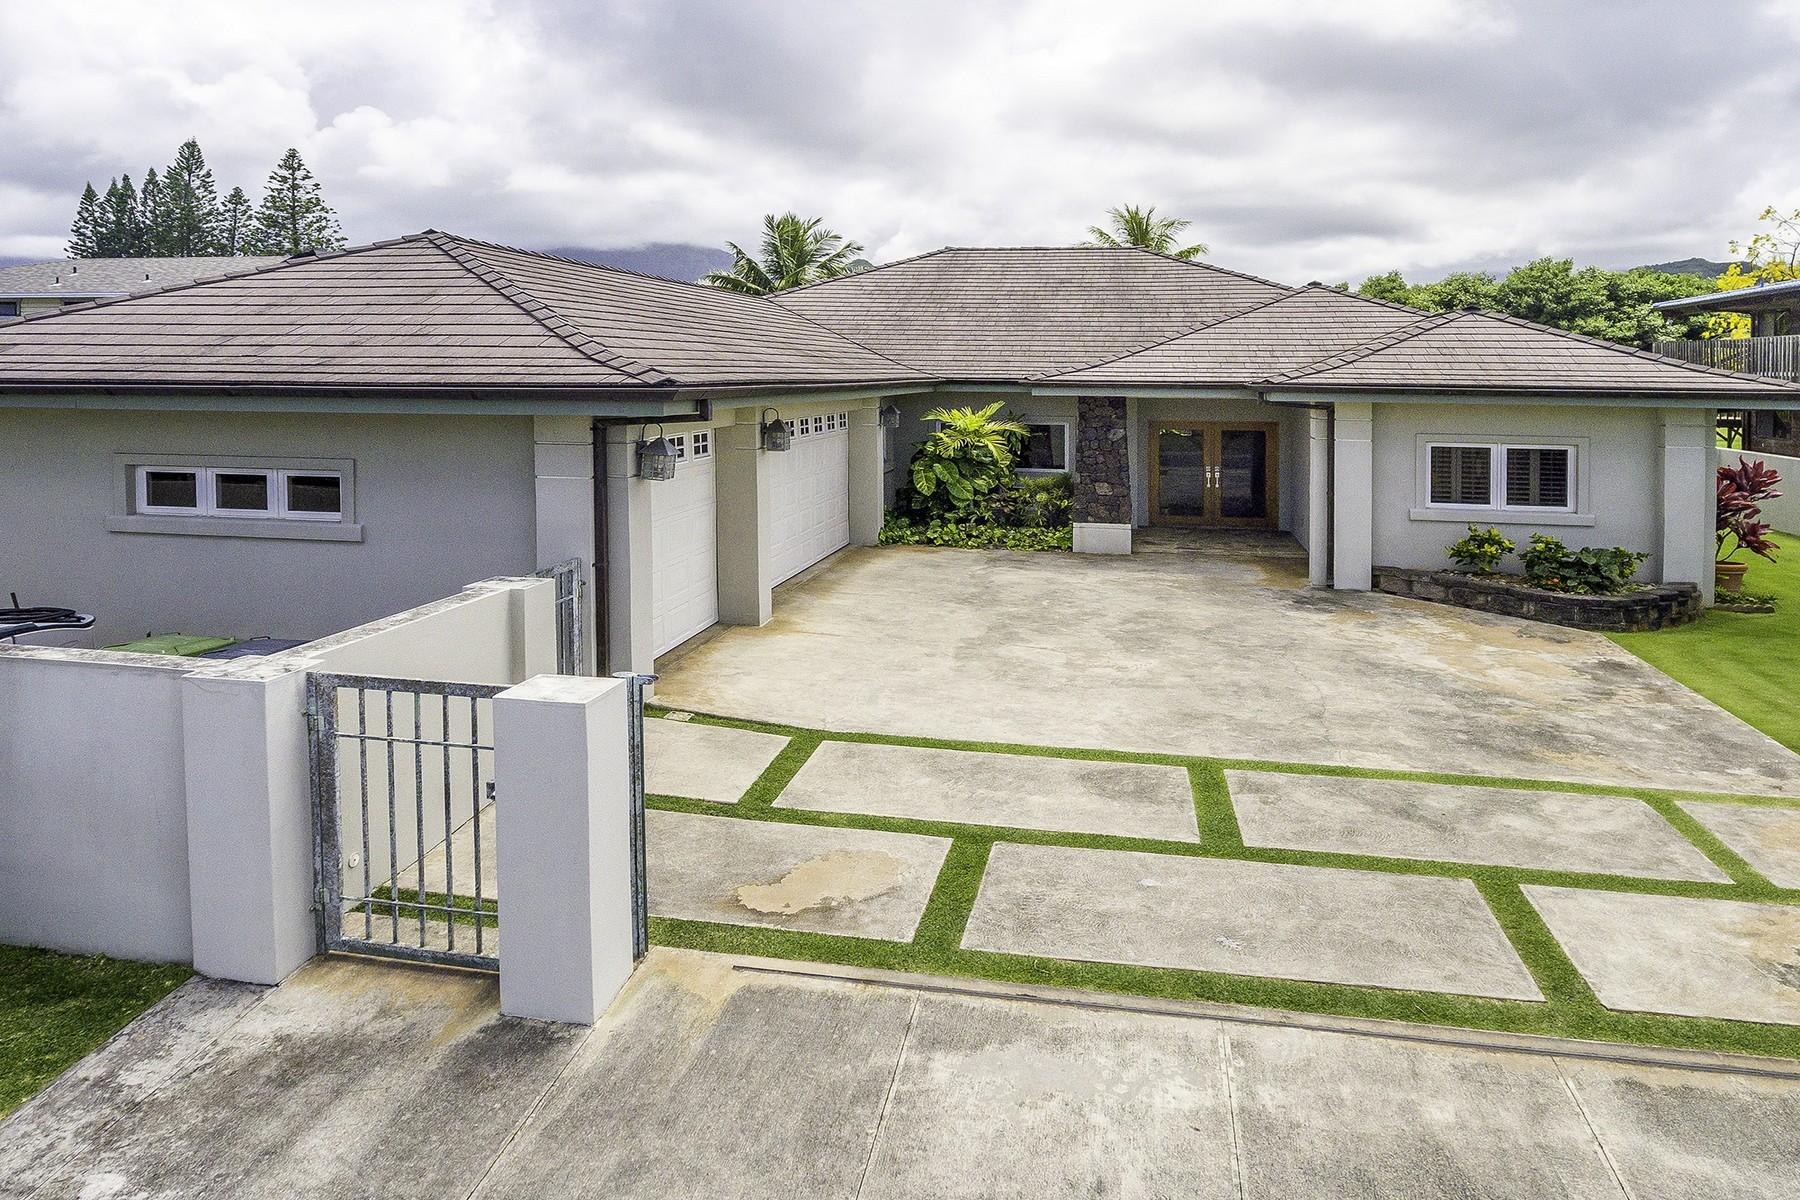 Einfamilienhaus für Verkauf beim Island elegant Kailua home 769 Kahoa Dr Kailua, Hawaii, 96734 Vereinigte Staaten